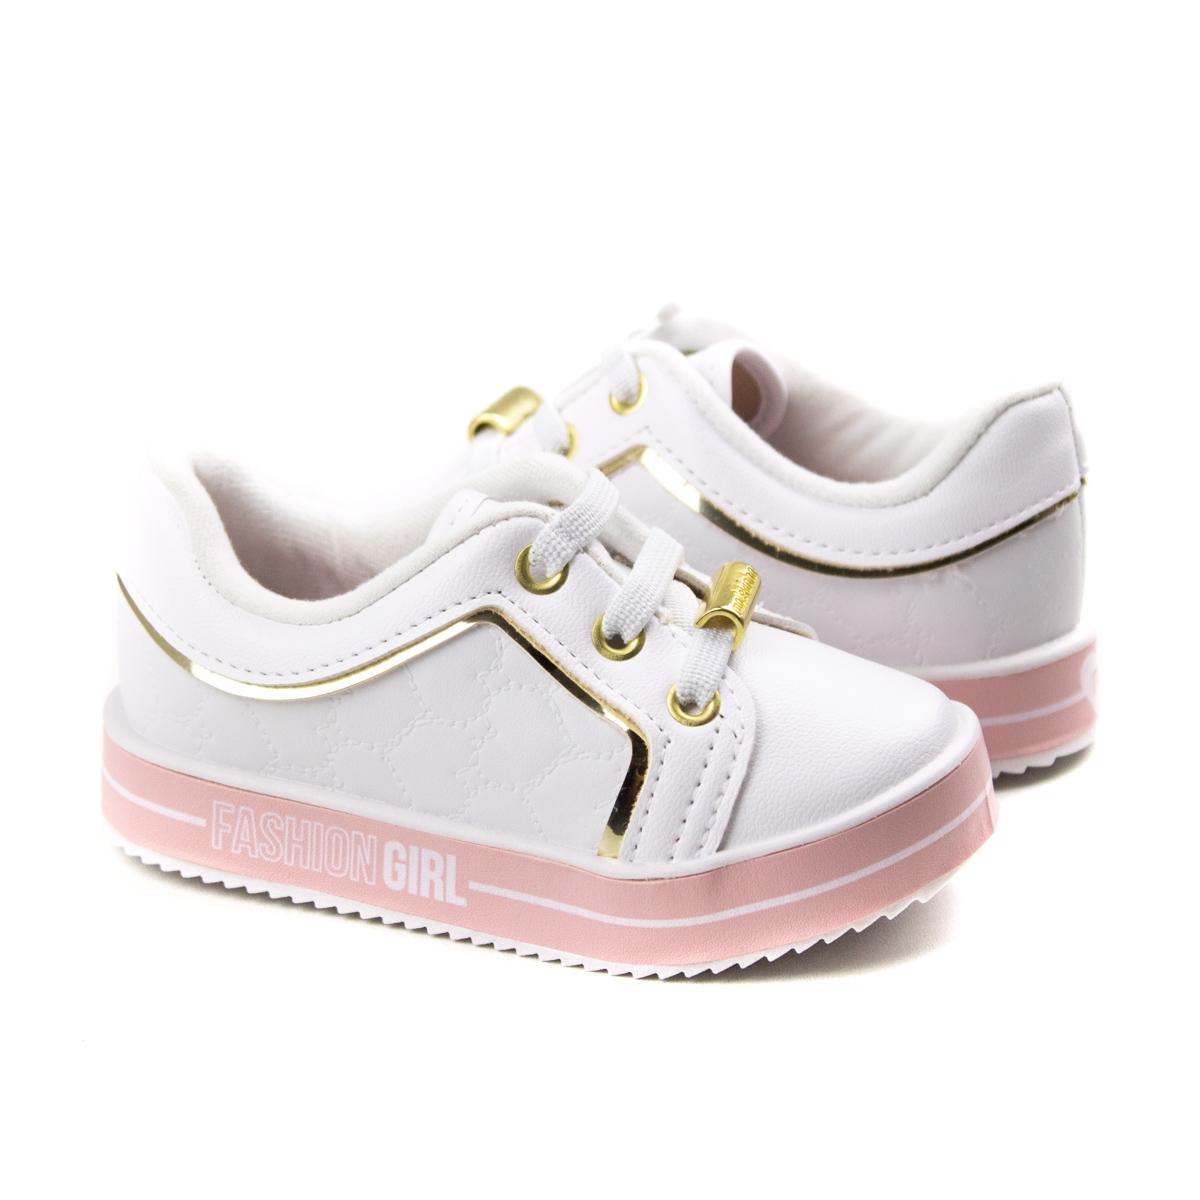 Tênis Calce Fácil Bebê Feminino Molekinha - Branco/dourado